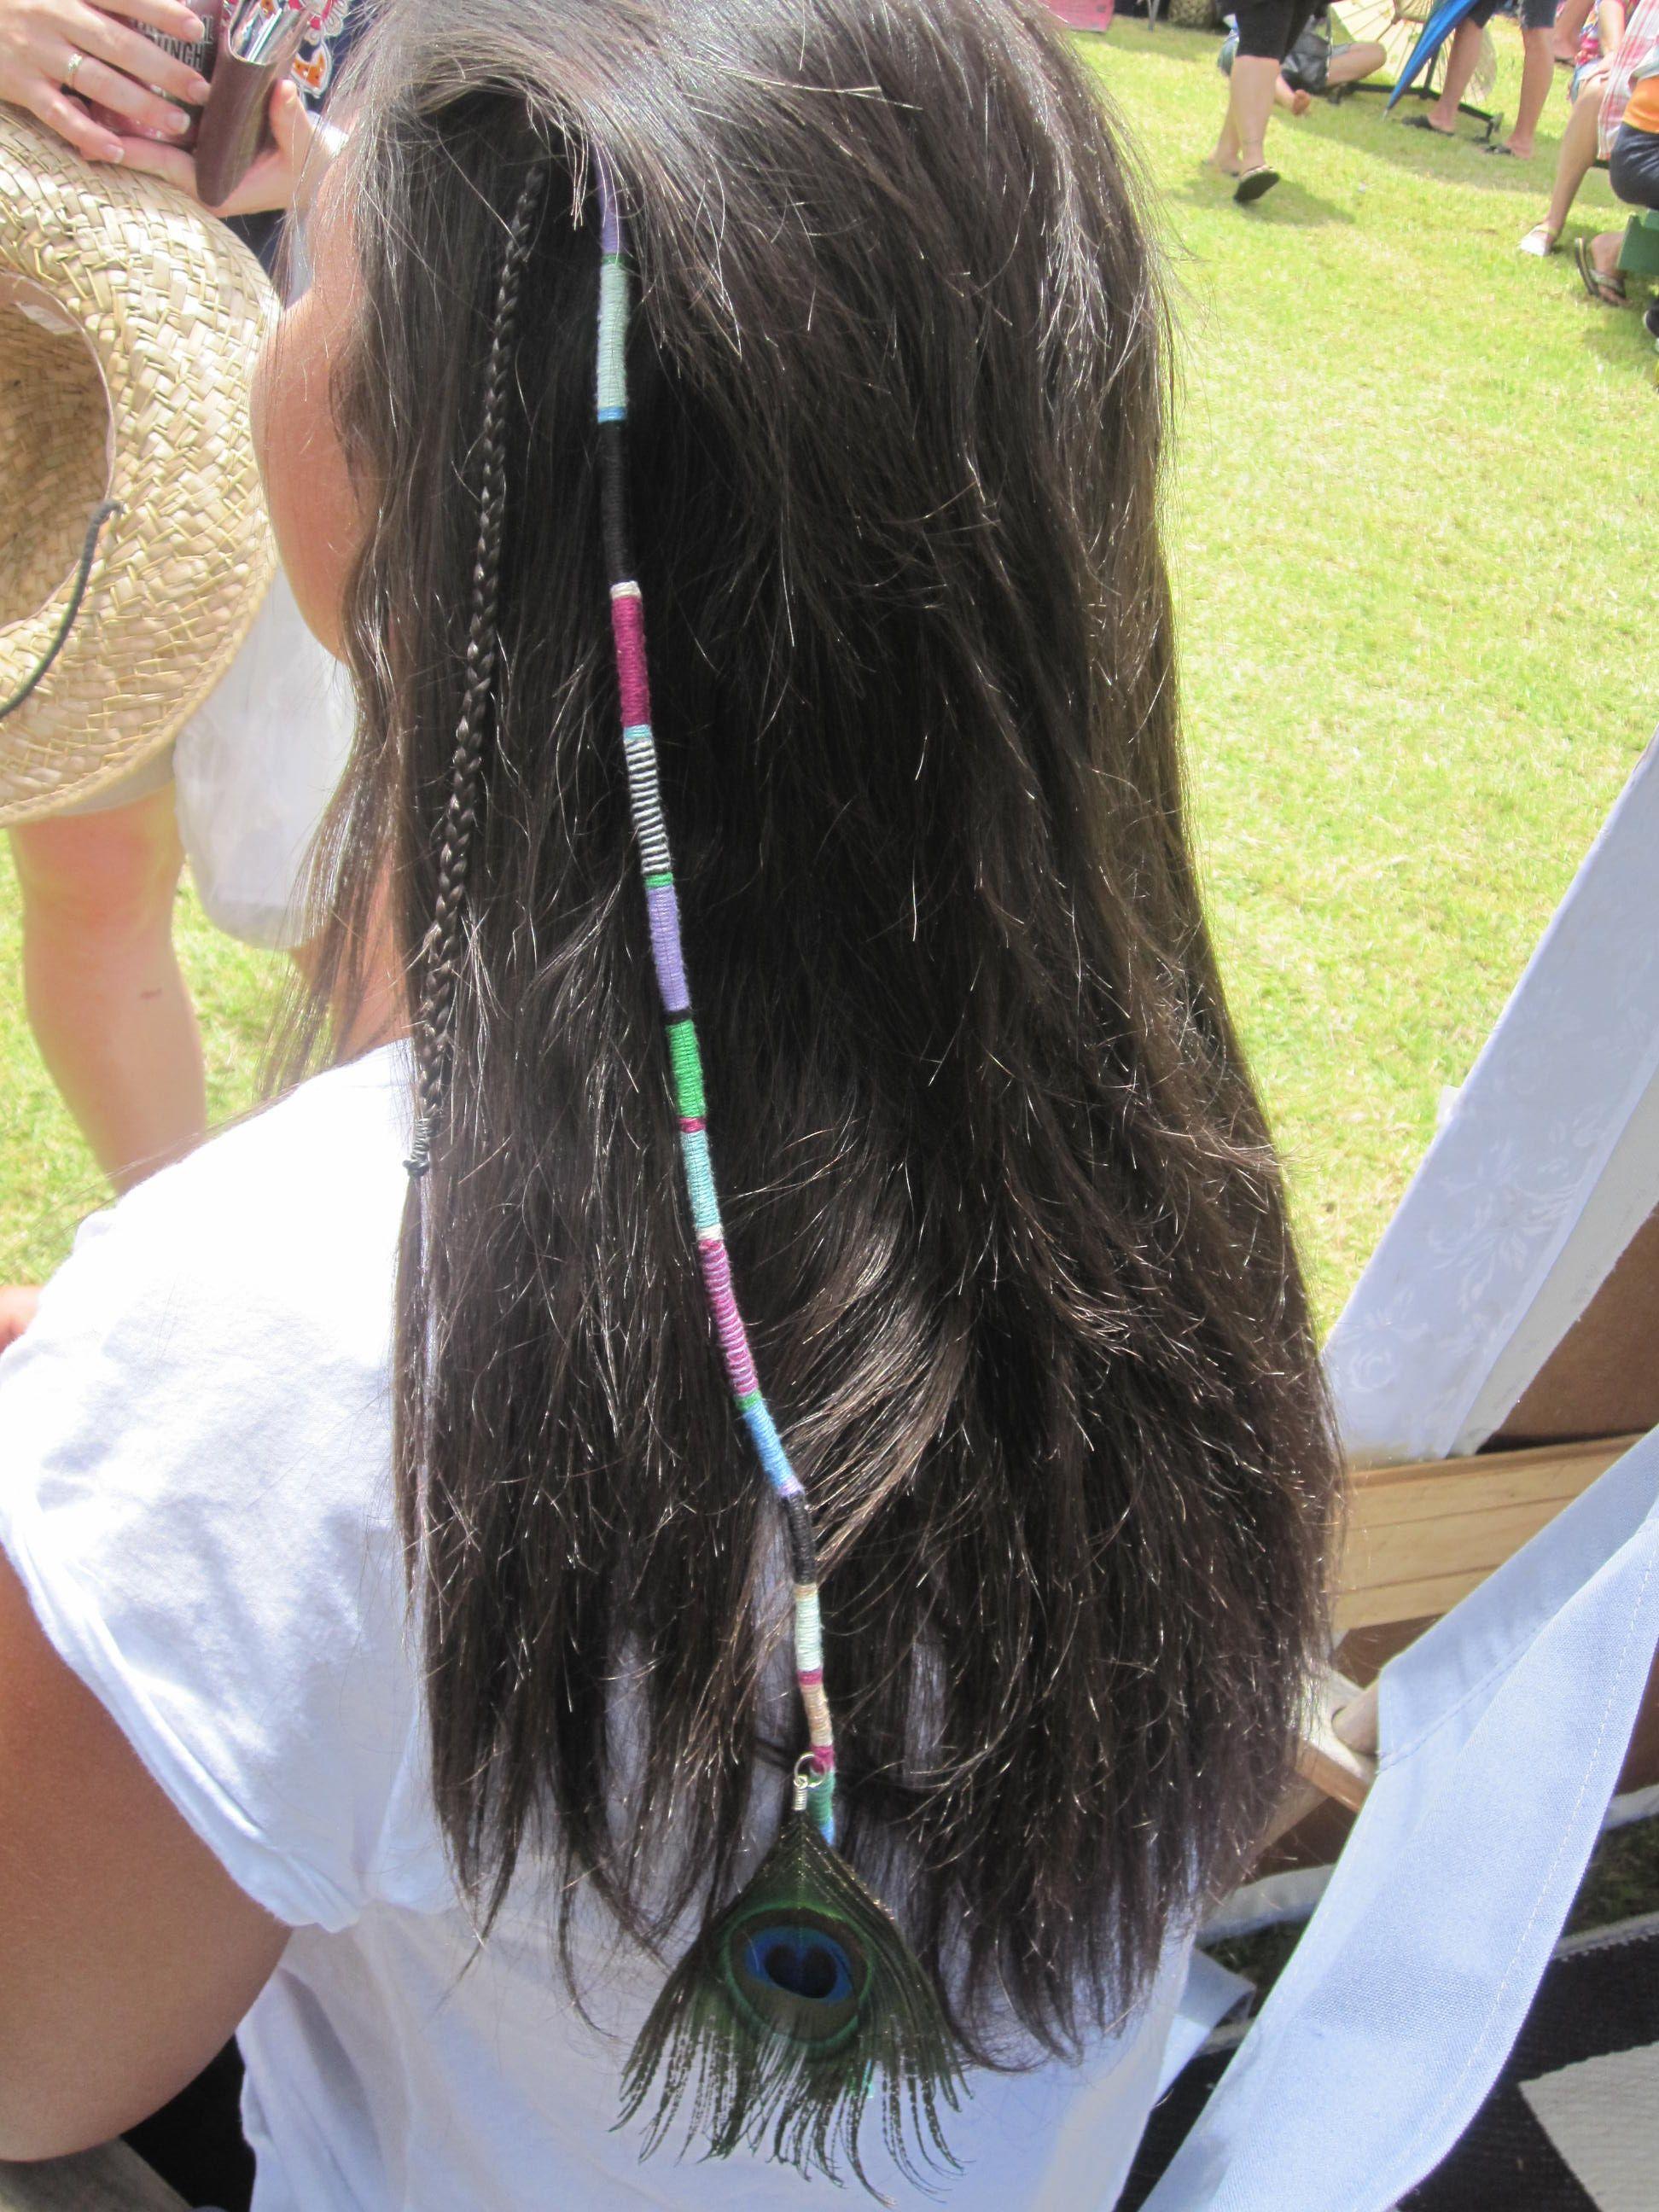 Hair Braid Hair Wrap Hair Braids Nz Hair Wraps Nz Hair Braids New Zealand Hair Wraps New Zealand Island Hair Braids Nz Hair Wrap Dread Braids Island Hair